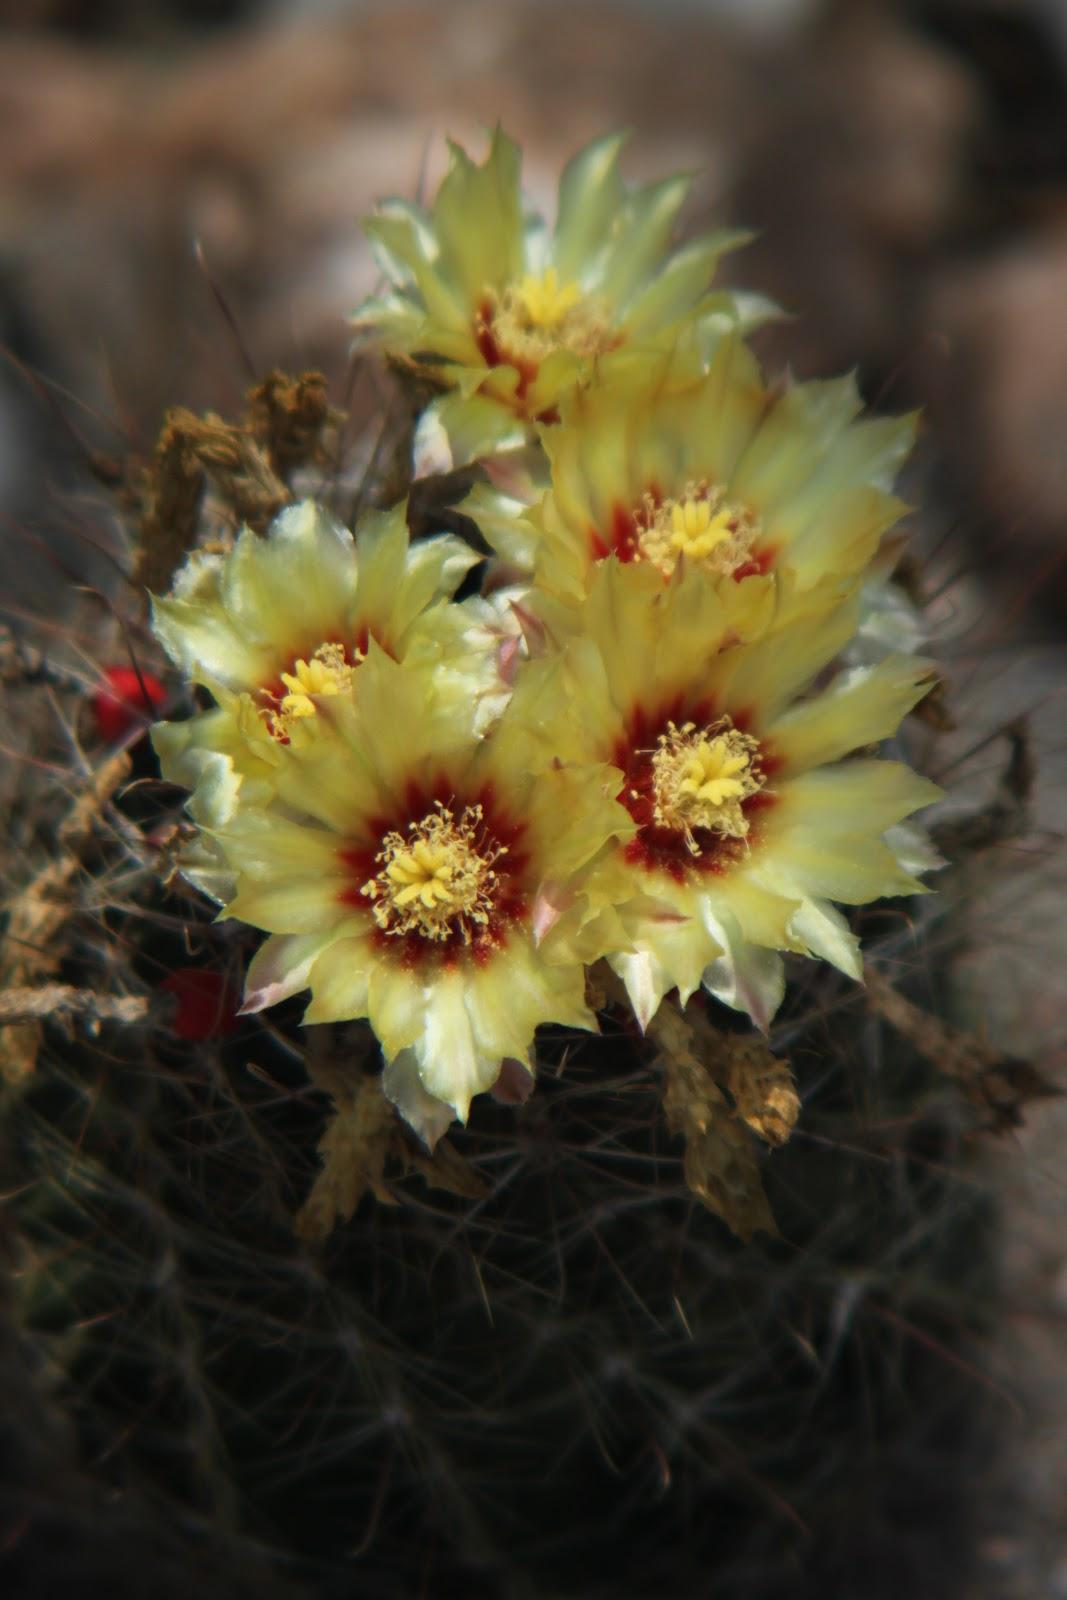 Rock Oak Deer Barrel Cactus Bloom Day